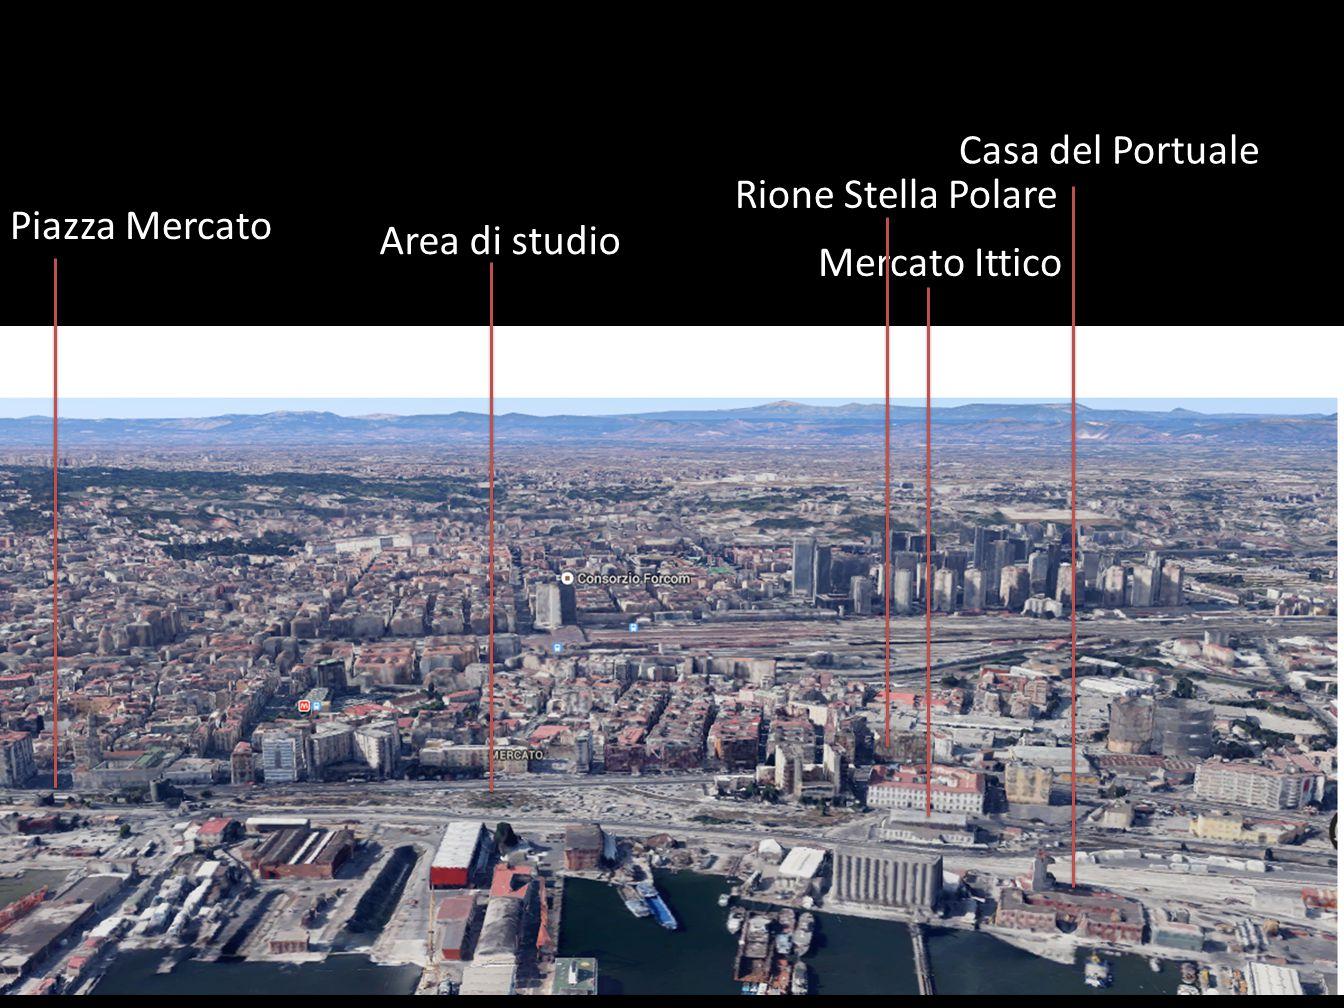 Casa del Portuale Rione Stella Polare Piazza Mercato Area di studio Mercato Ittico